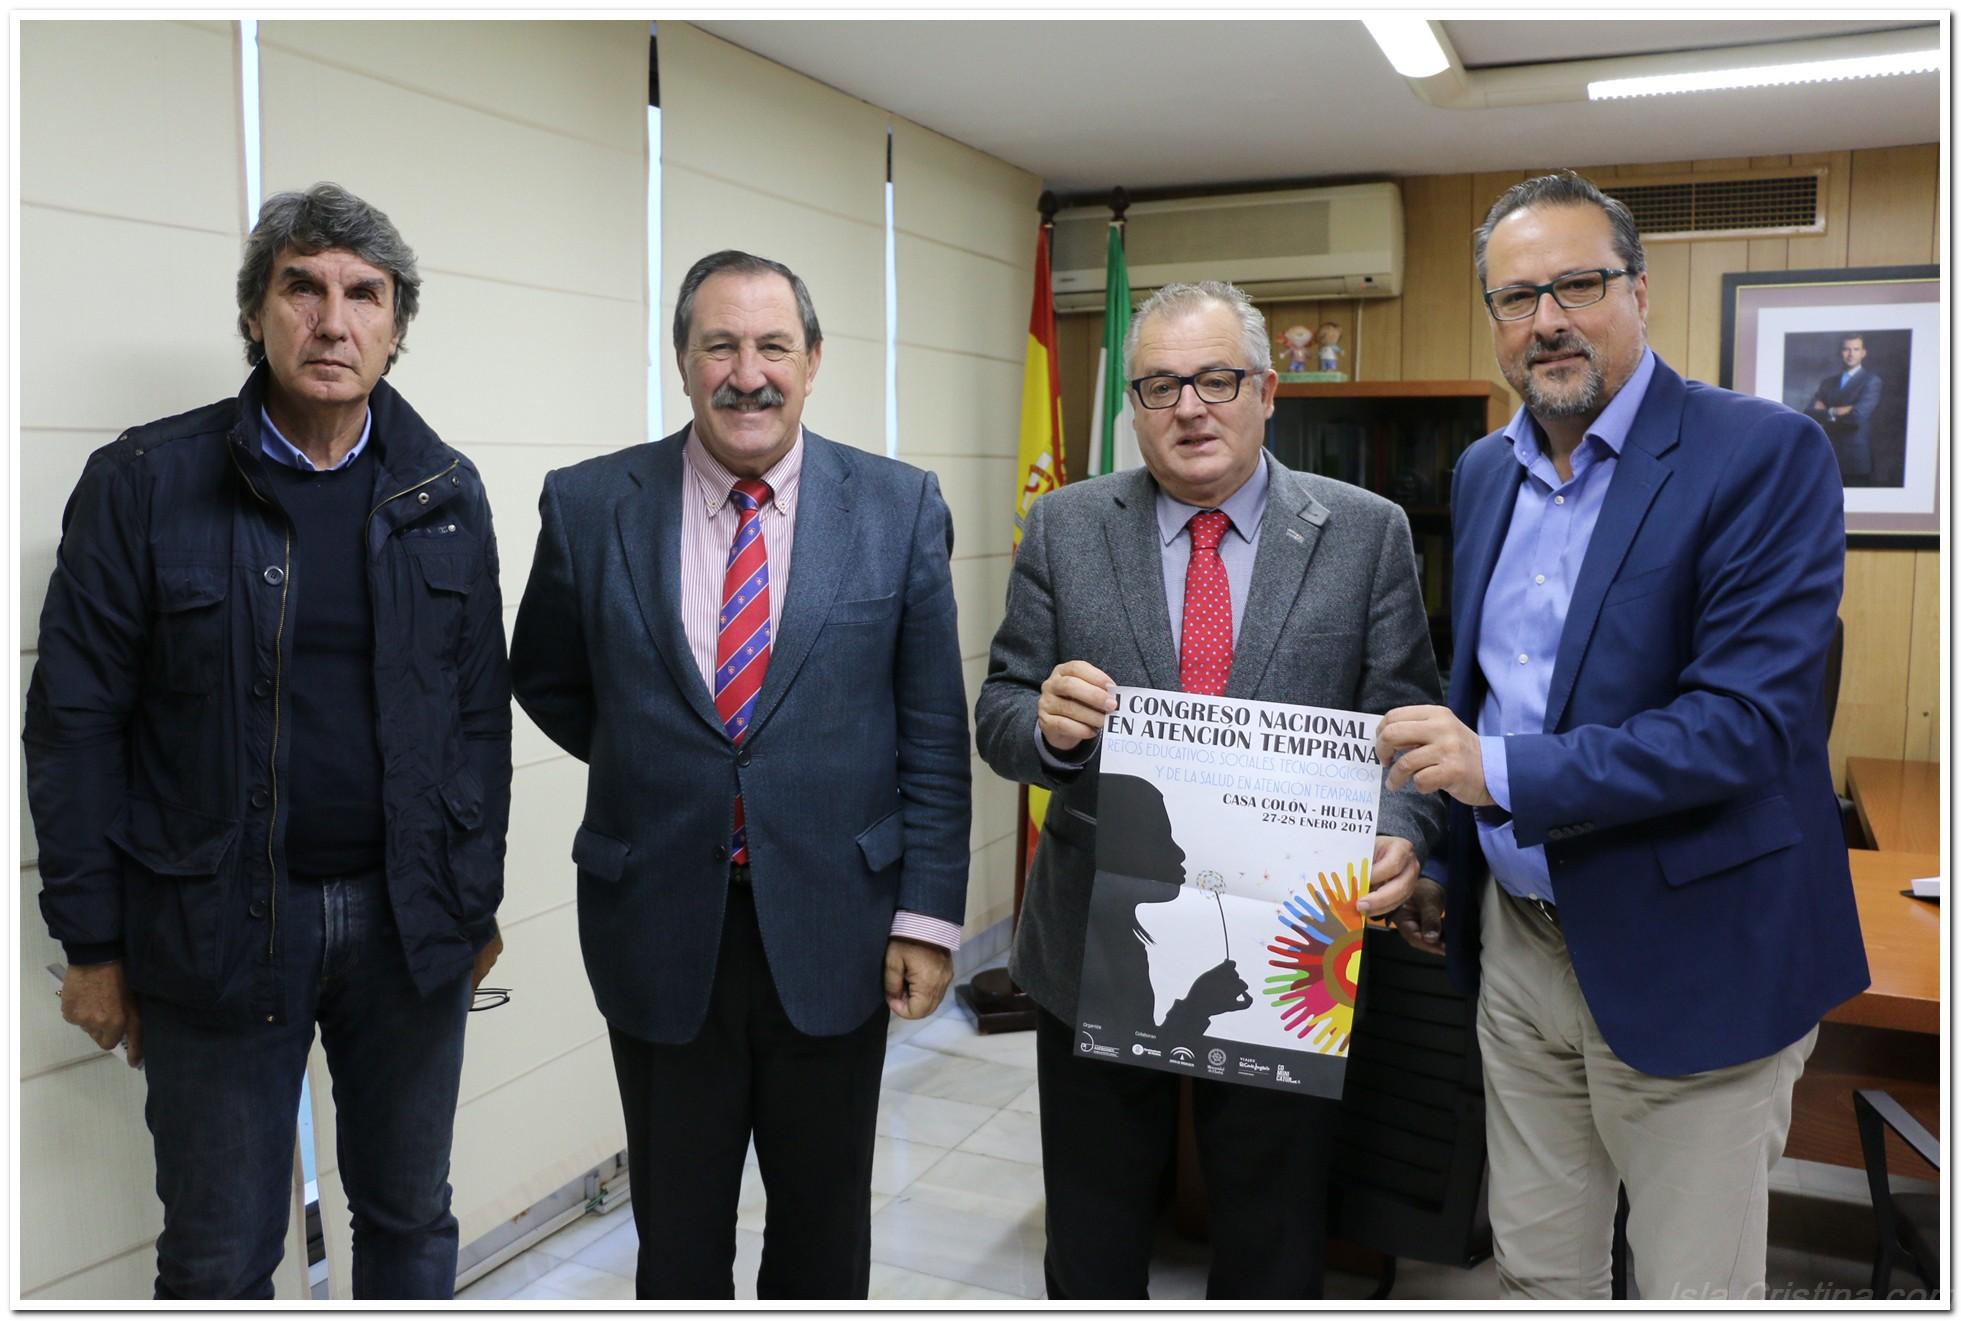 Amplio Respaldo Institucional al Primer Congreso de Atención Temprana de Huelva